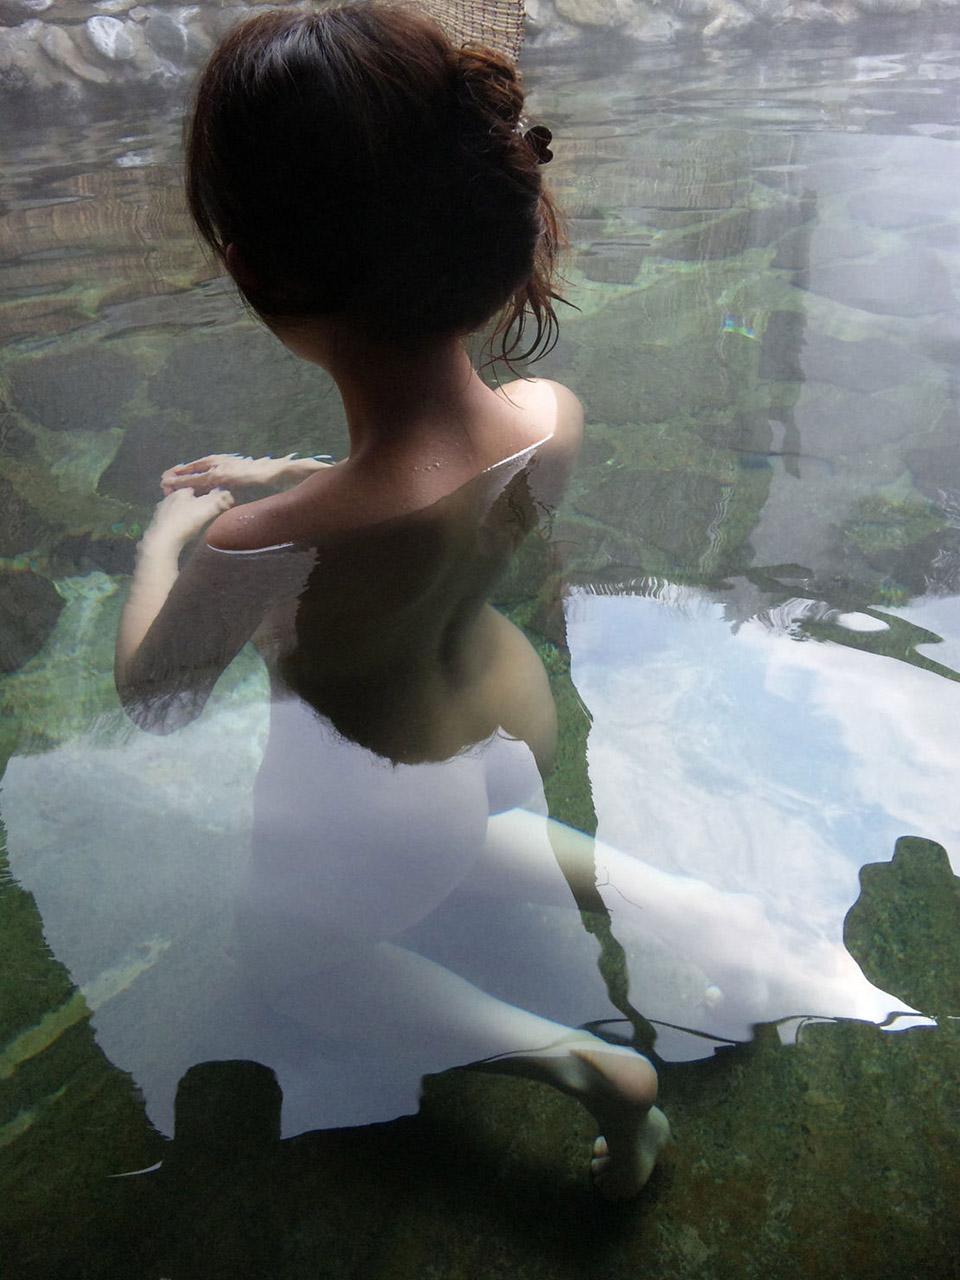 【おっぱい】風呂とか温泉のエロ画像って日本らしくていいよねwww【38枚】 09